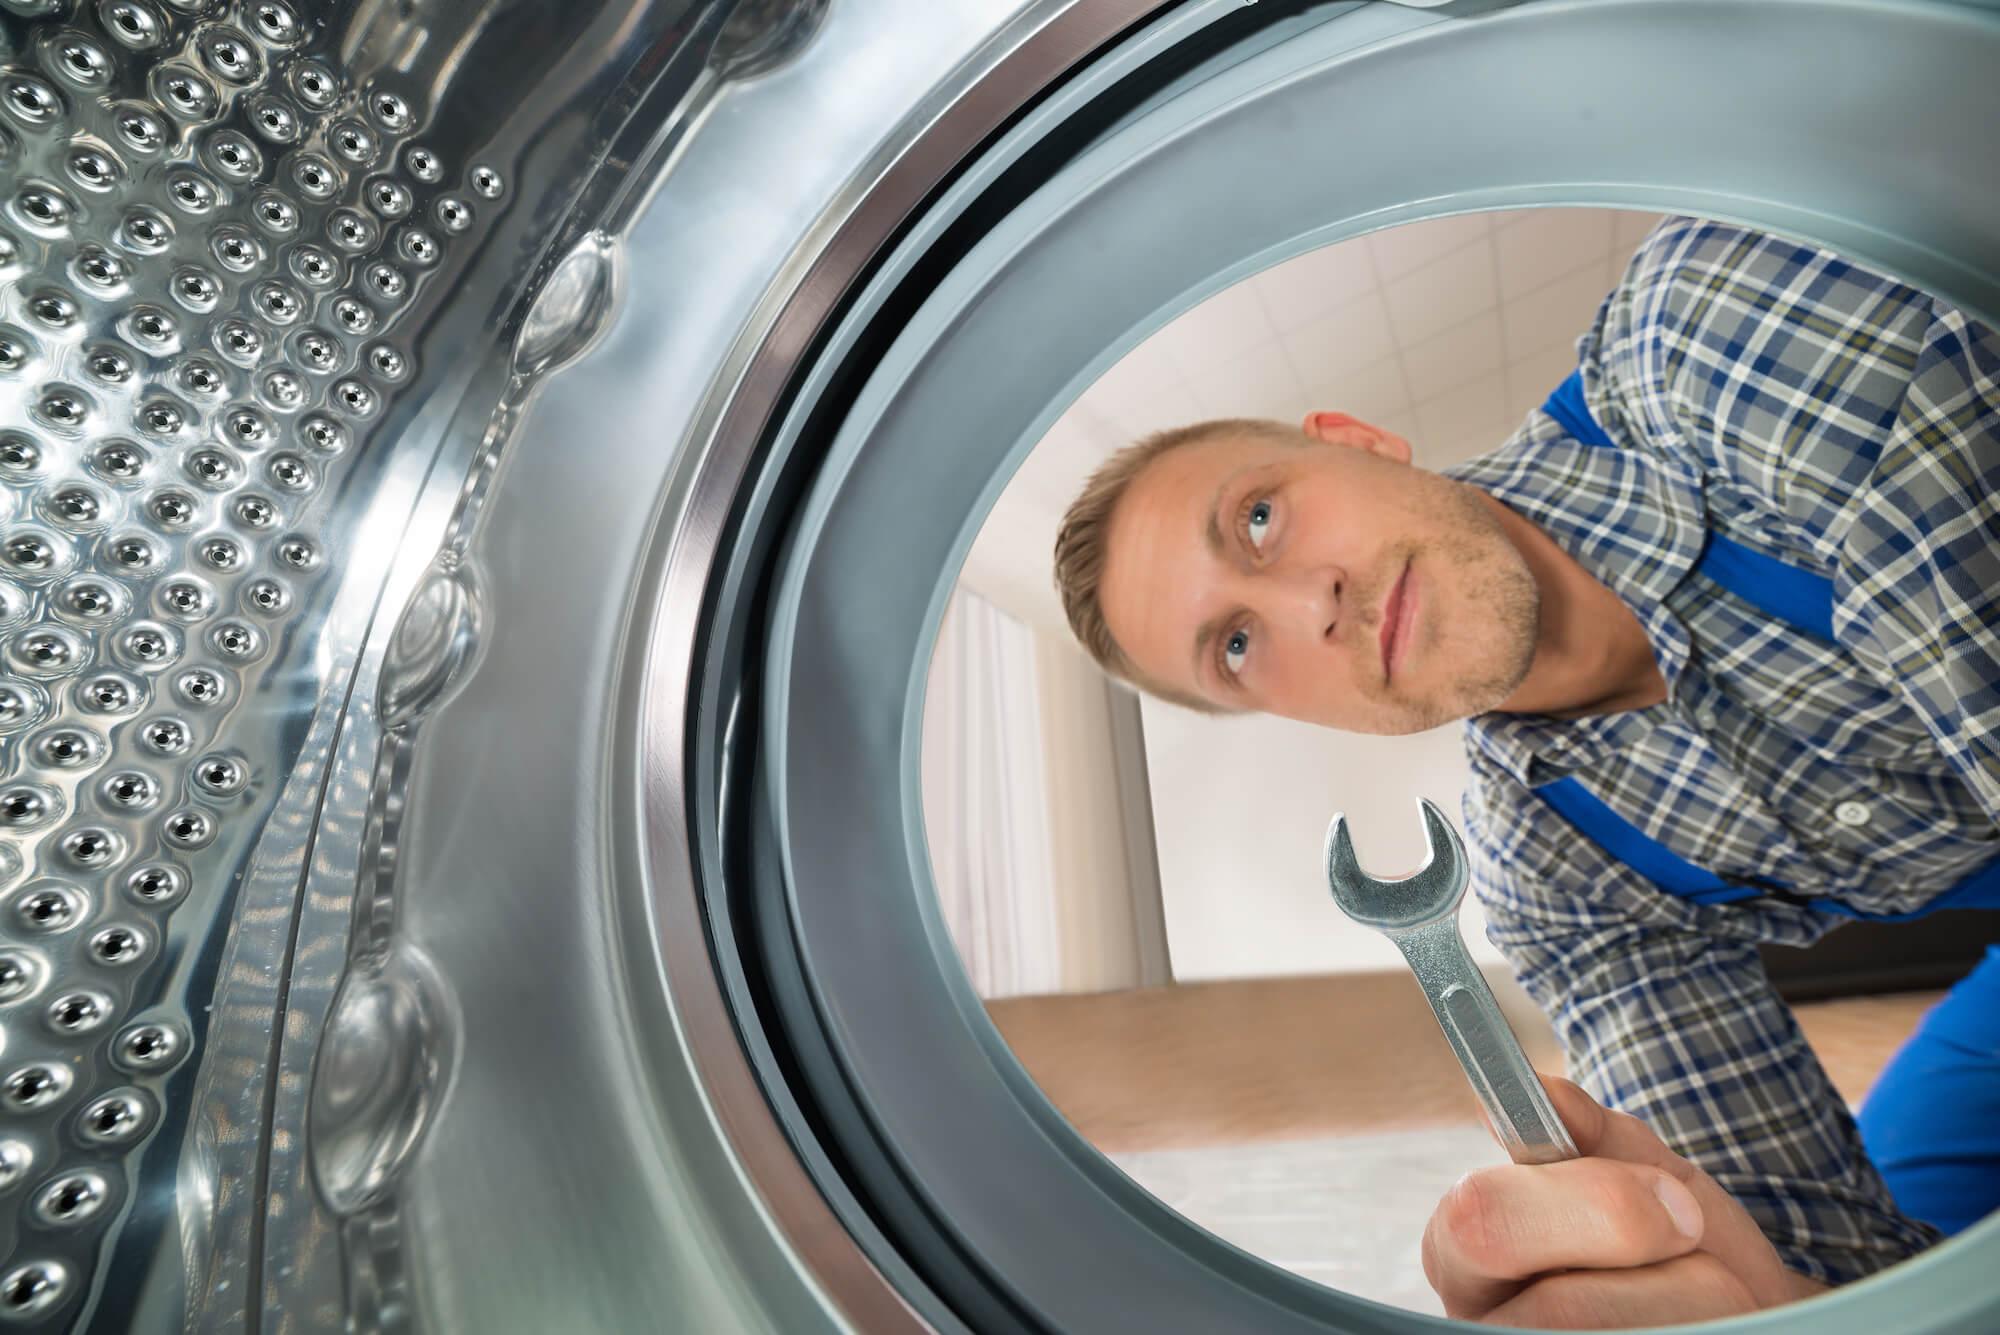 Επισκευή & Συντήρηση Πλυντηρίων